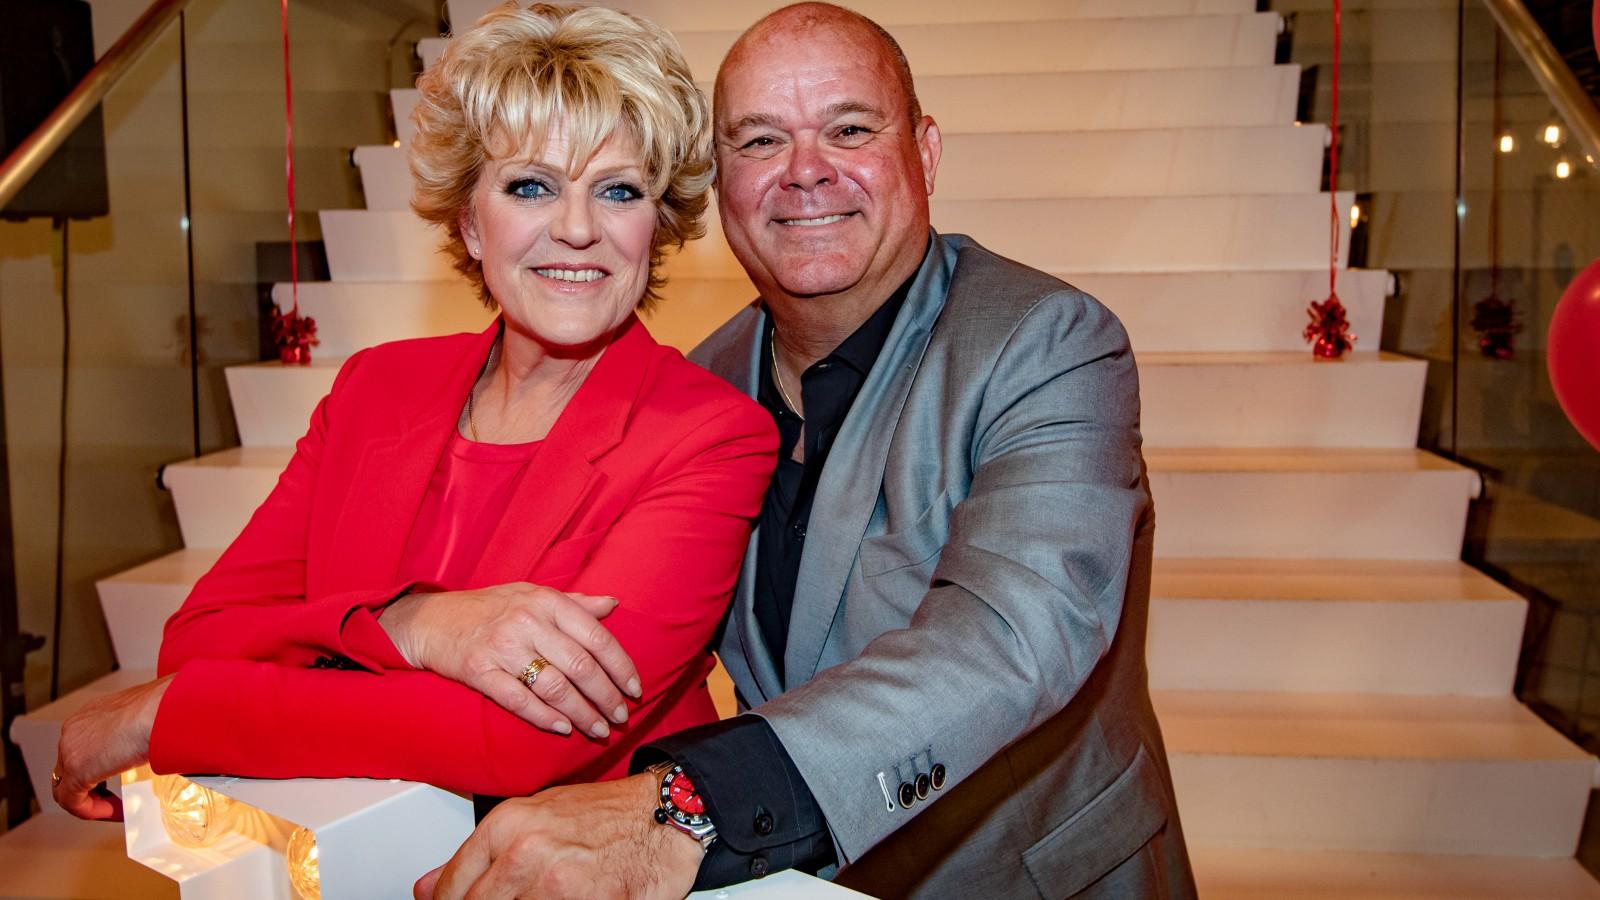 Straks live: Simone Kleinsma en Paul de Leeuw verrassen Blaricumse ouderen